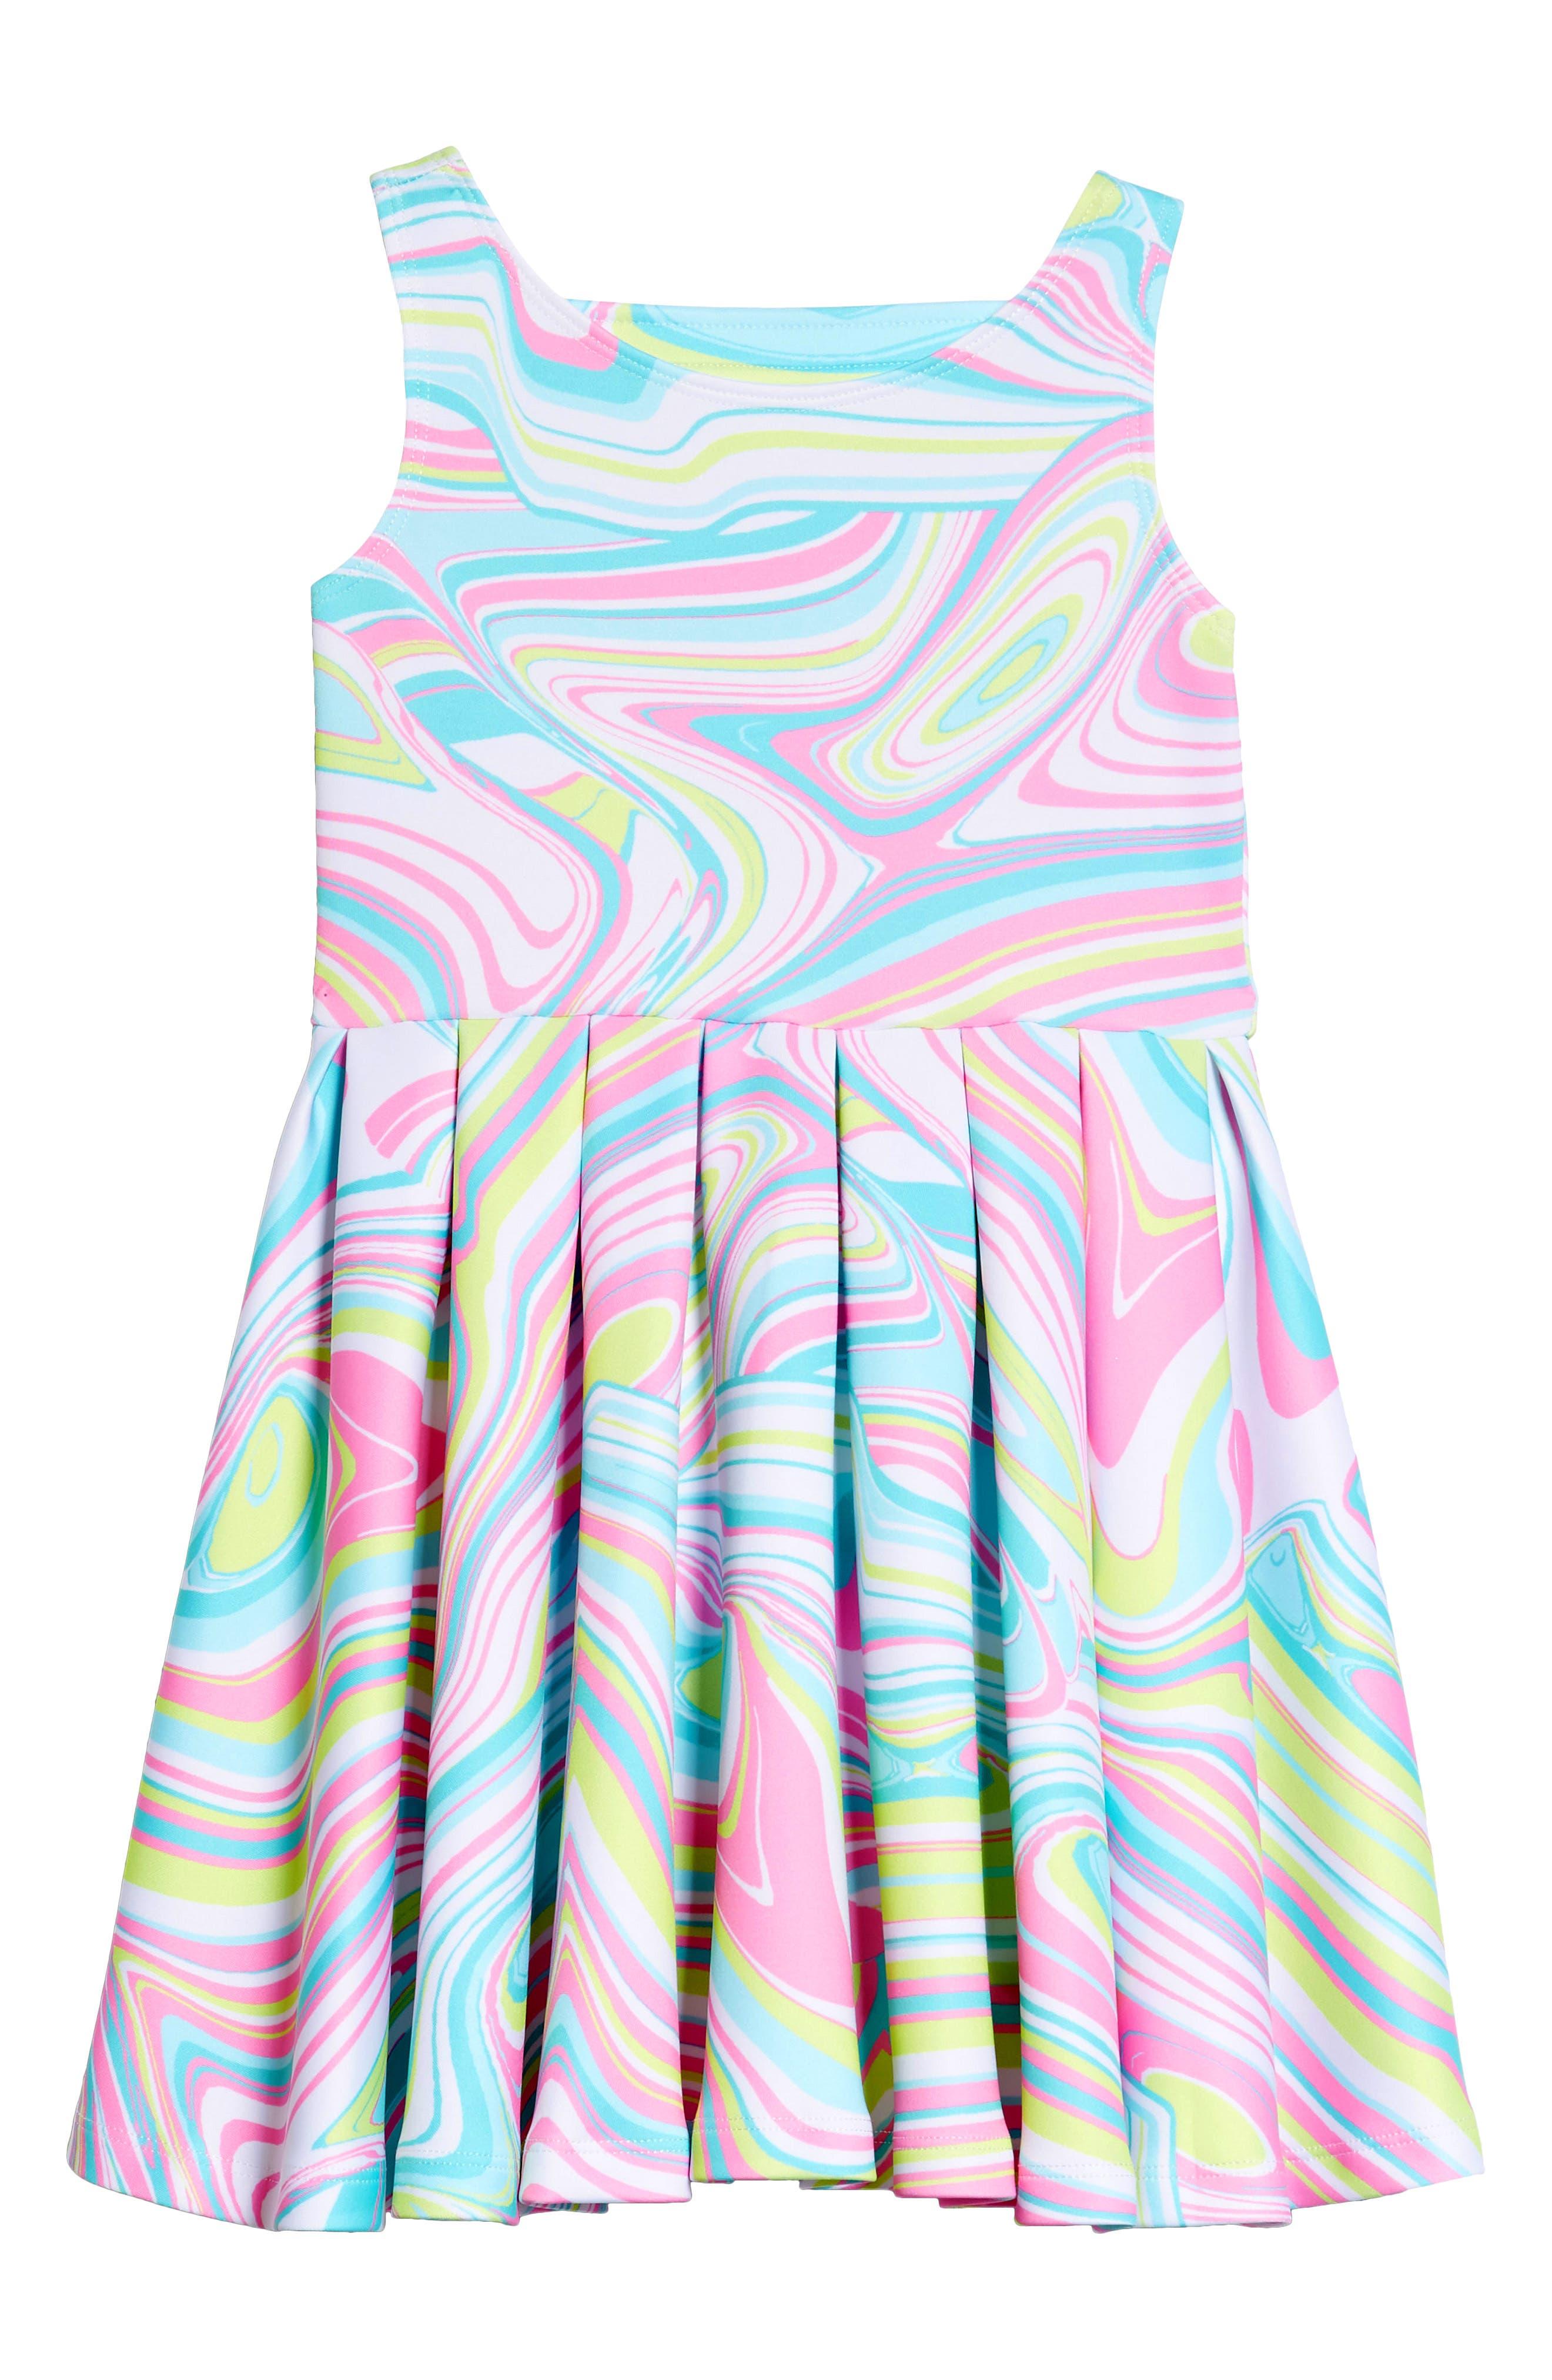 Scuba Skater Dress,                             Main thumbnail 1, color,                             651